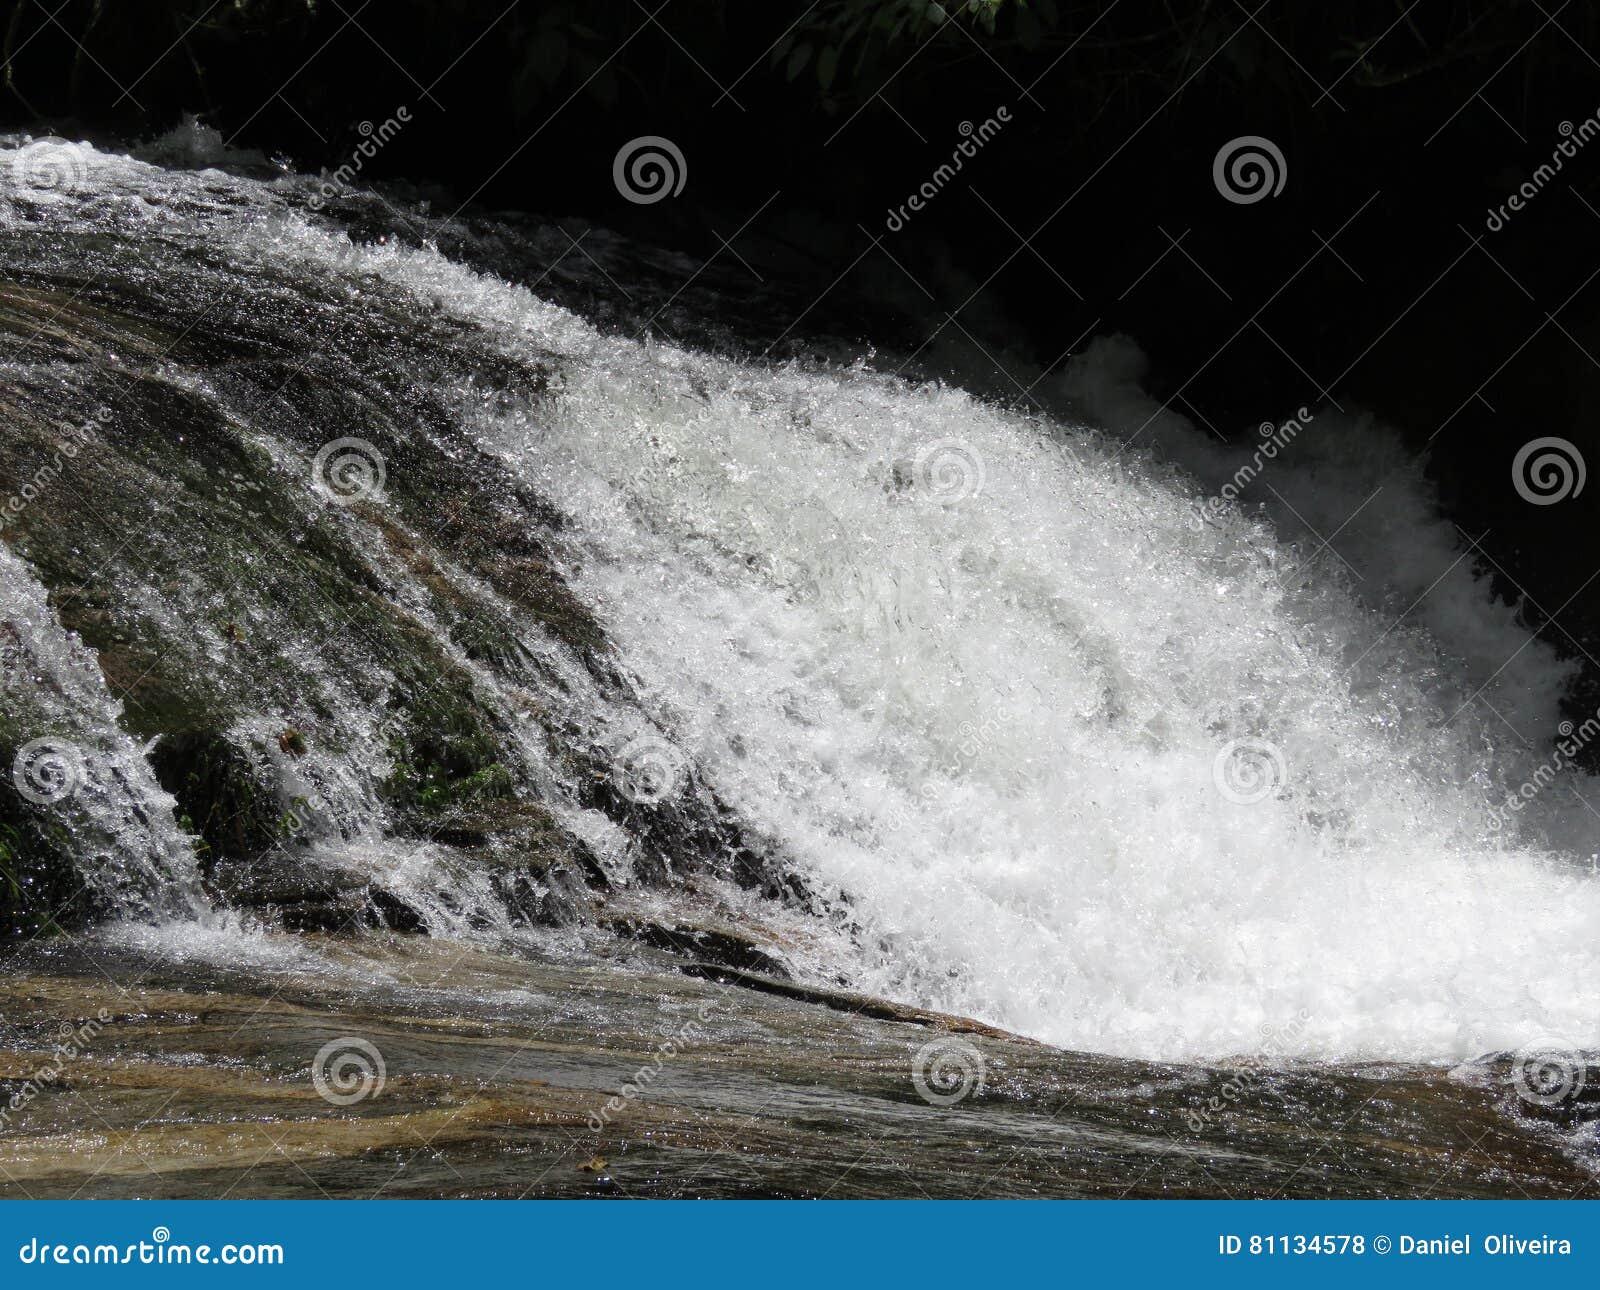 Cachoeira de Tobogã - Paraty RJ